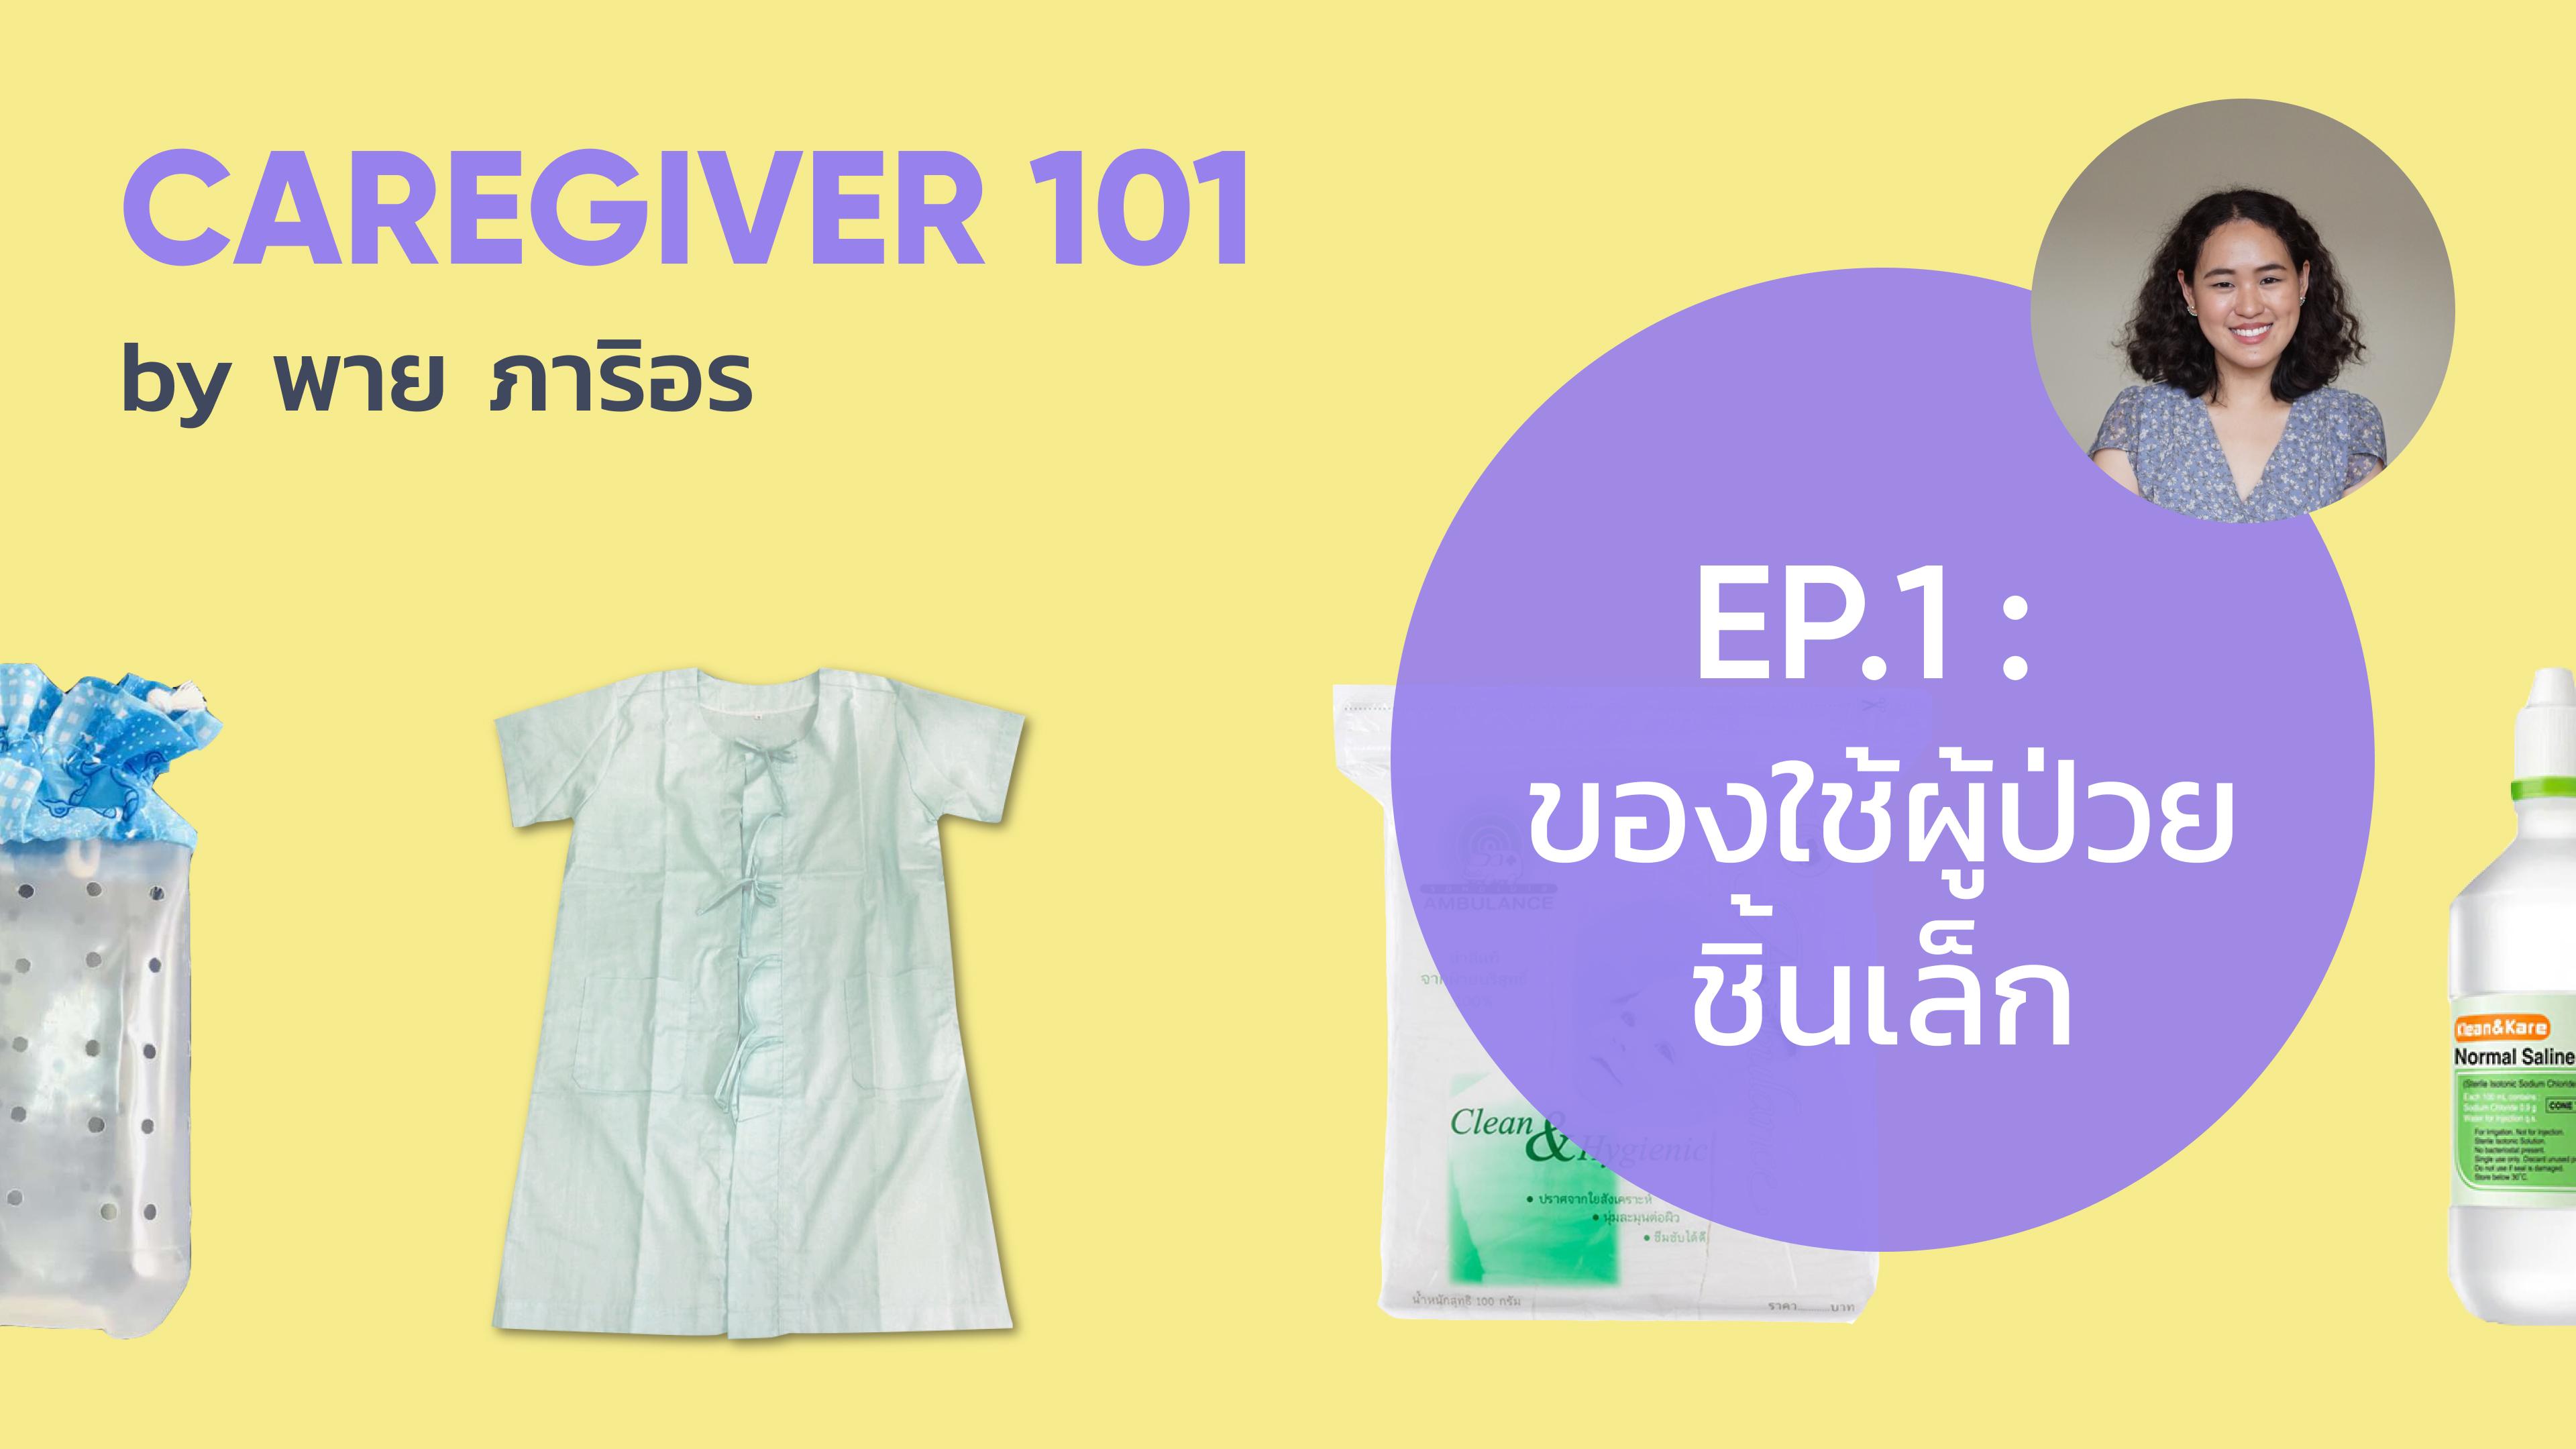 CAREGIVER 101 Ep. 1 : ของใช้ผู้ป่วยชิ้นเล็ก